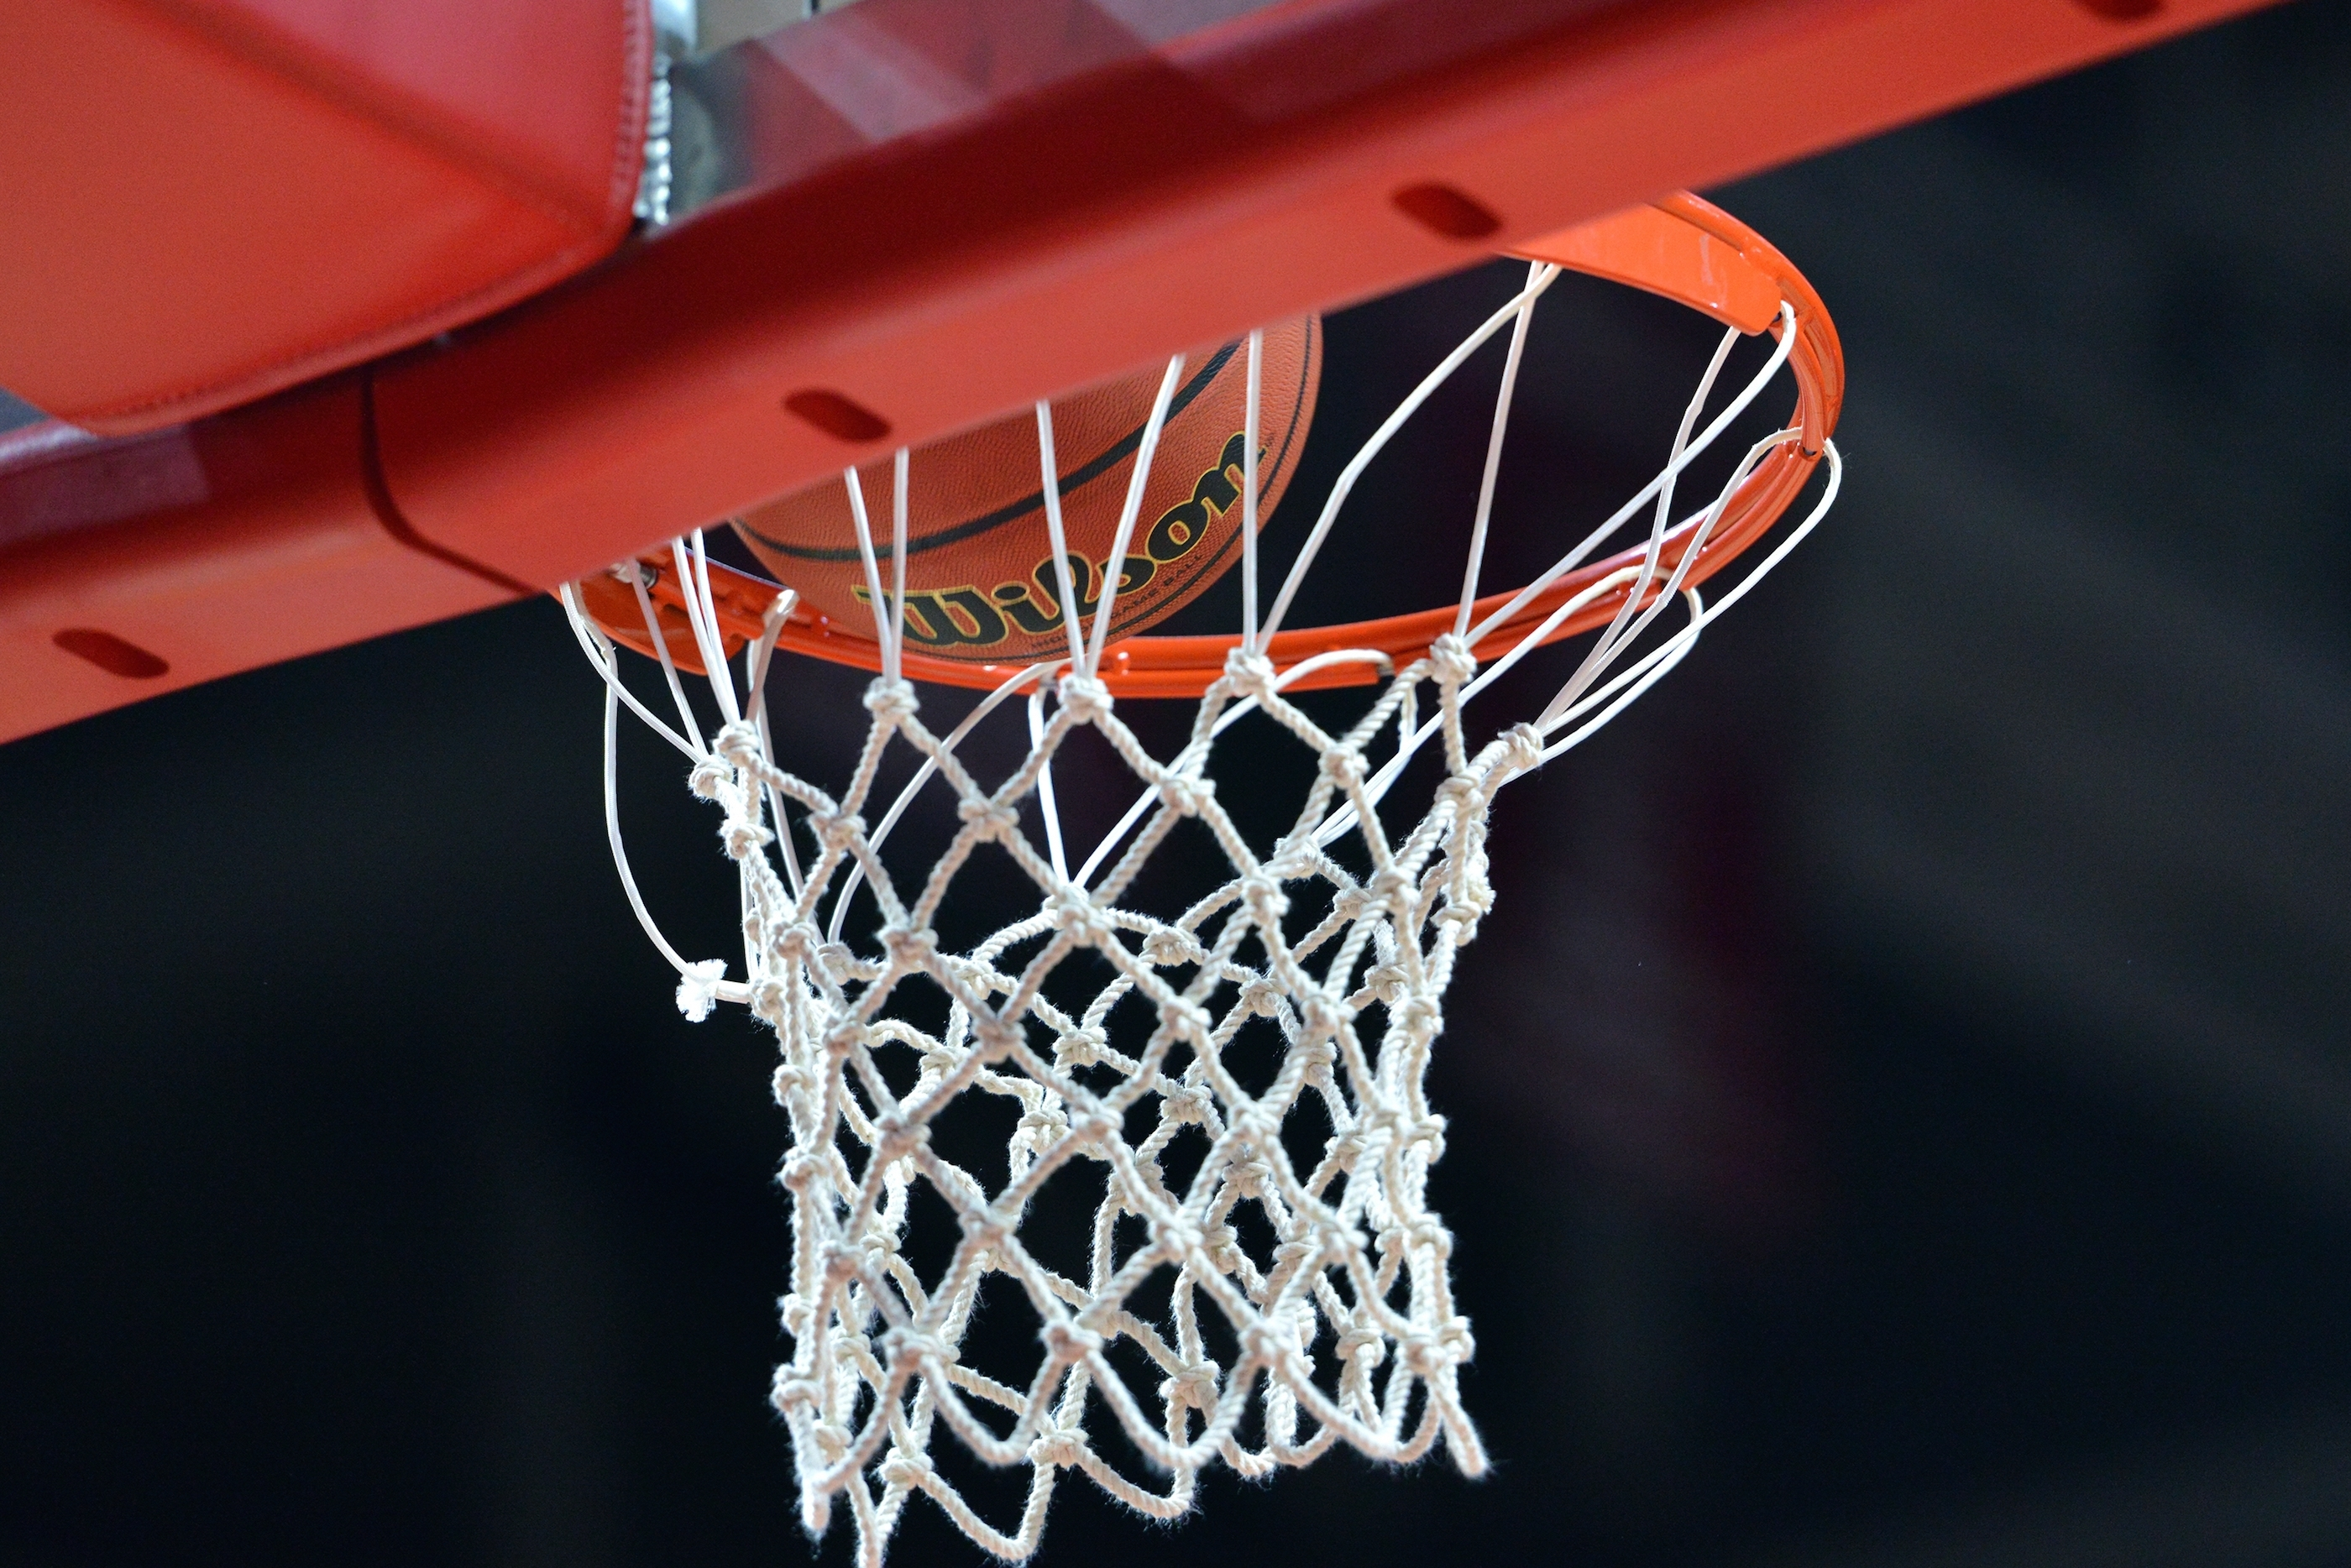 45d10f021e760efcc7a3_8bc82e4abe90326f4651_8cfa30ede7b772838265_Basketball_hoop.jpg